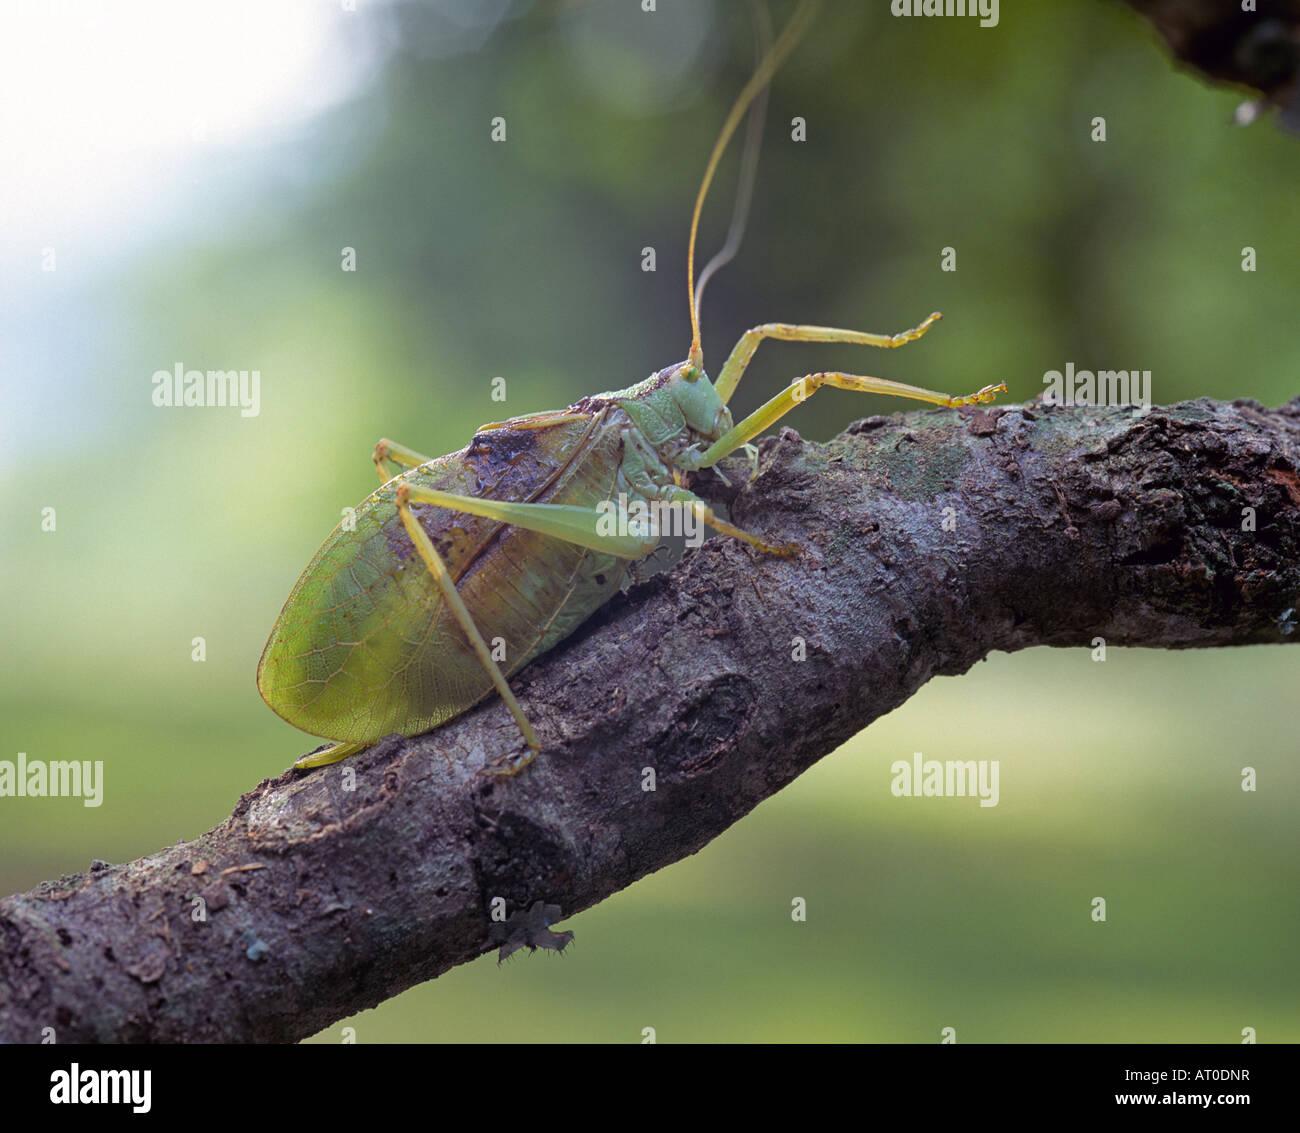 Grashuepfer aus der Familie der Insekten Tettigoniidae sie nennt man Bush Grillen in Europa Stockbild